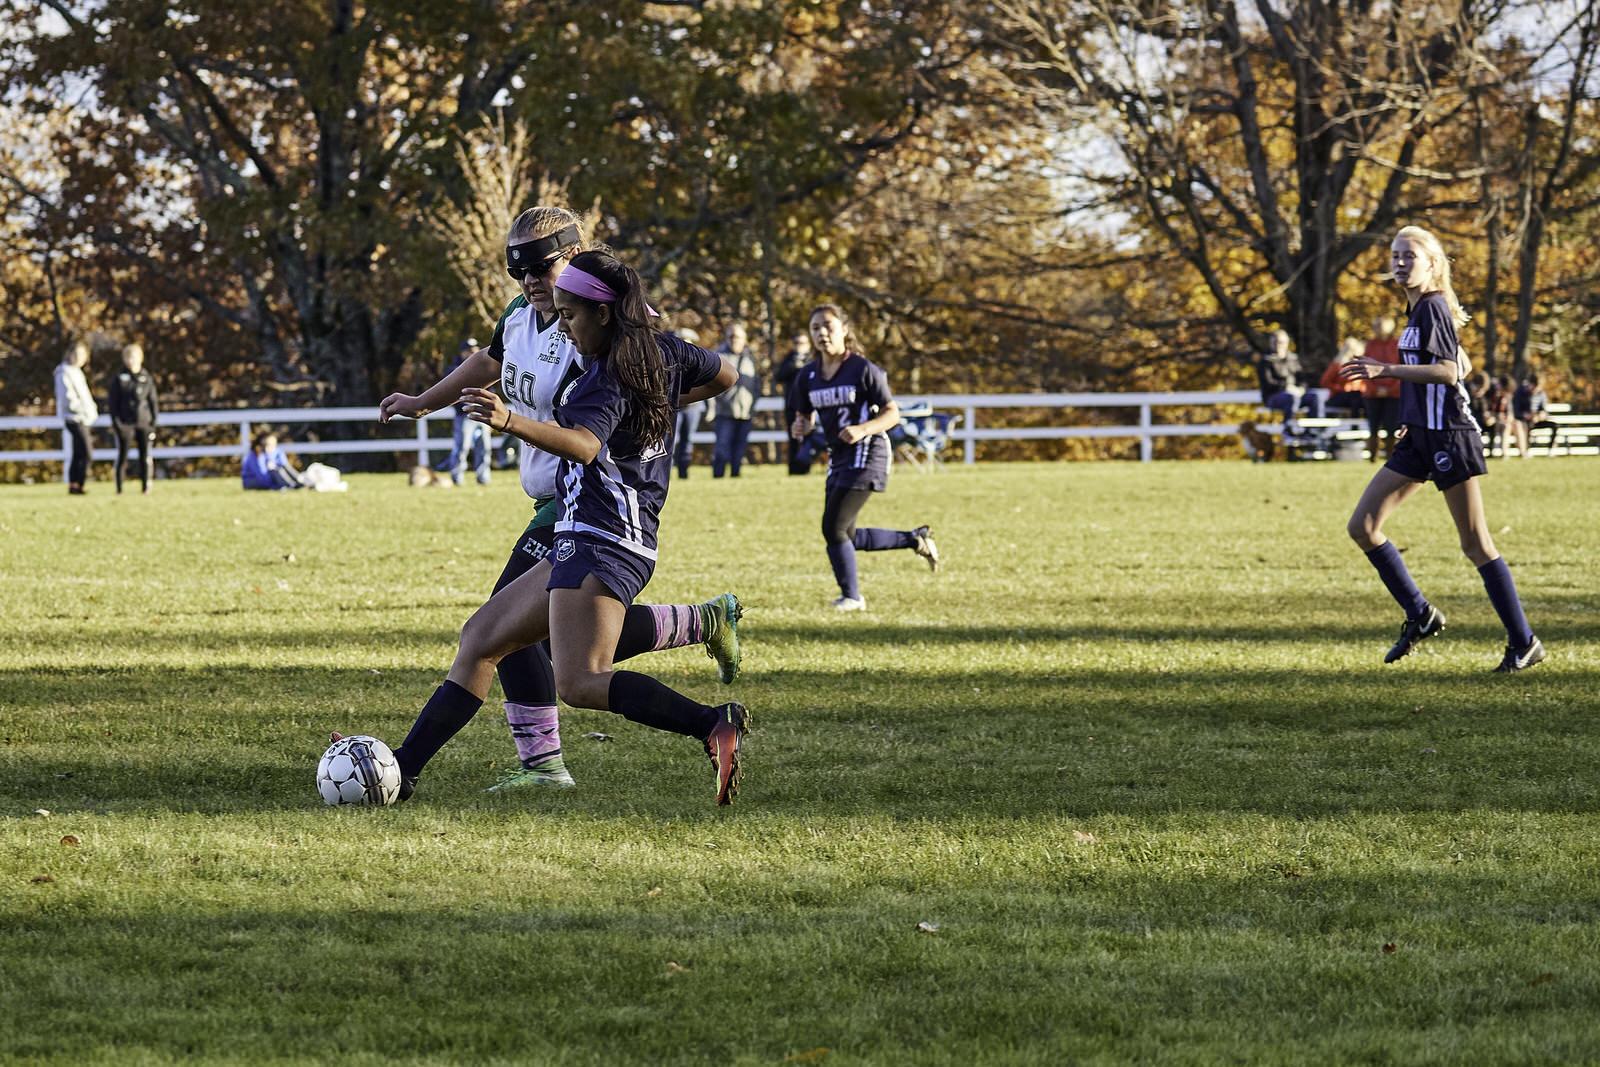 Girls Varsity Soccer vs. Eagle Hill School - October 30, 2018 138915.jpg